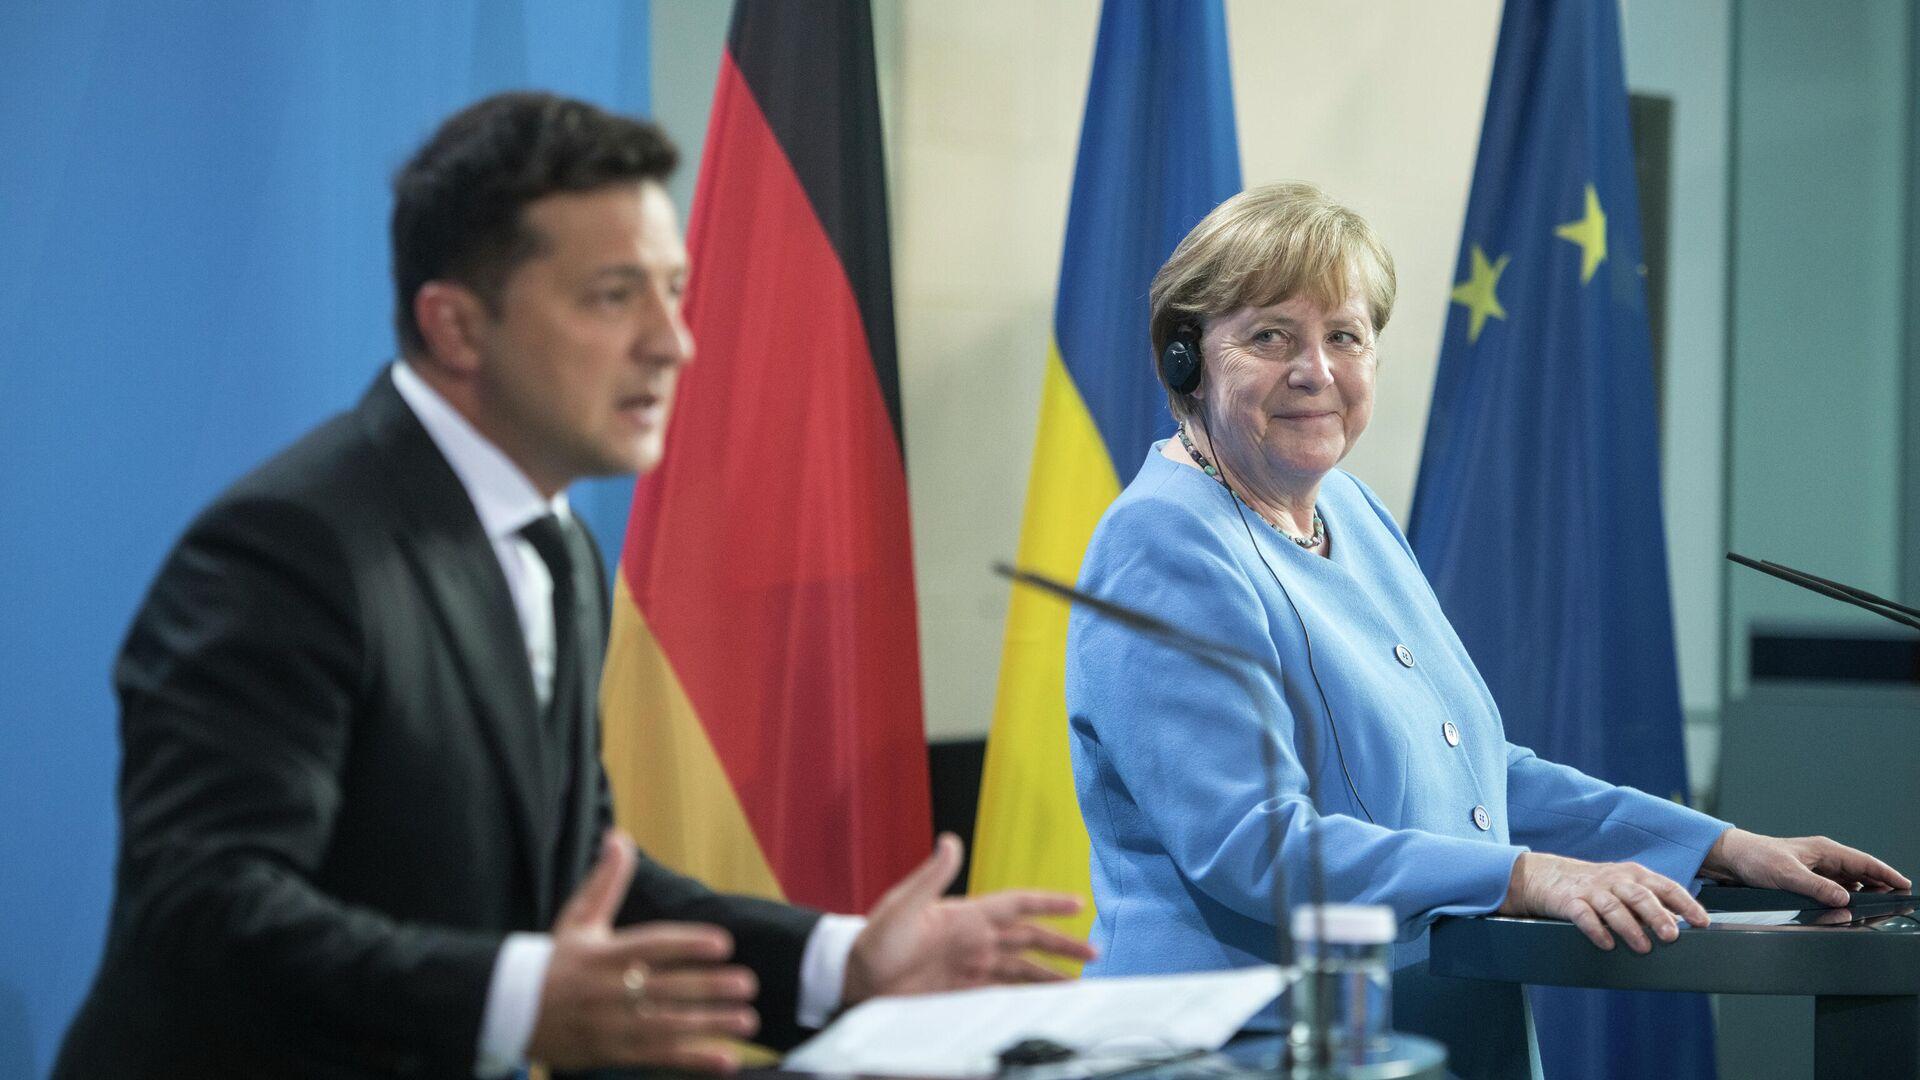 Der ukrainische Präsident Wladimir Selenski und Bundeskanzlerin Angela Merkel. Berlin, 12. Juli 2021 - SNA, 1920, 17.09.2021